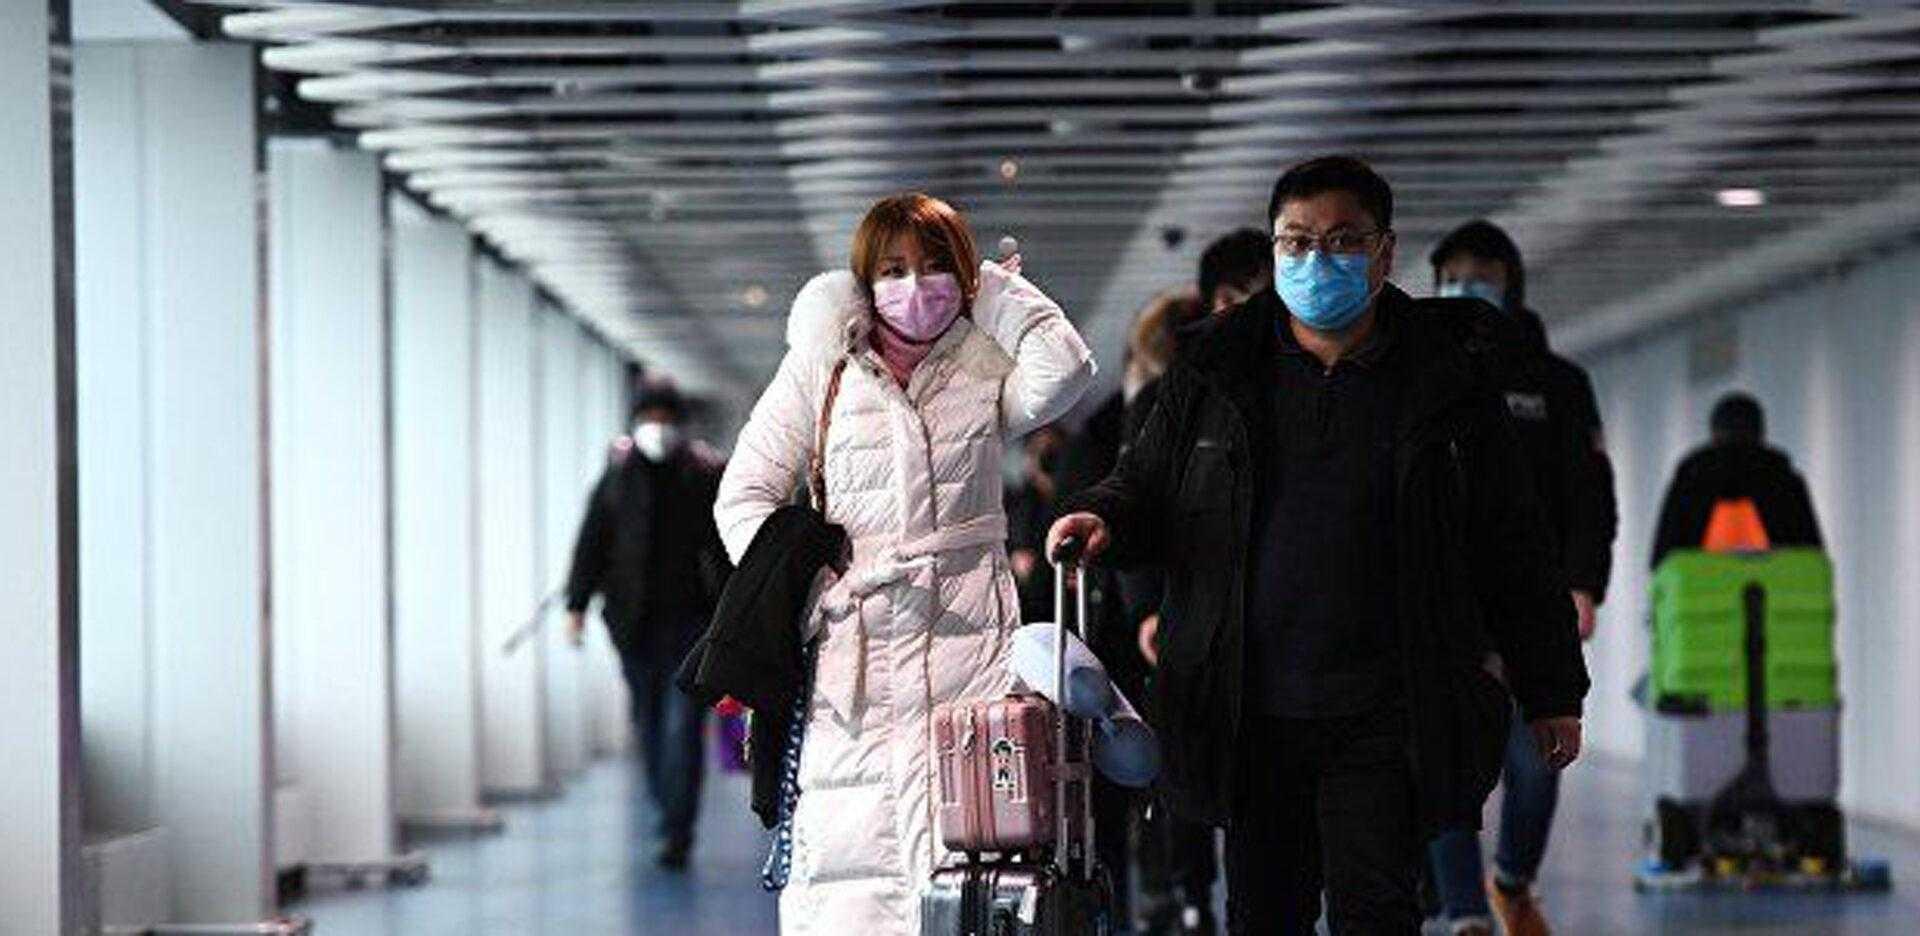 Закрытые границы из-за коронавируса в России